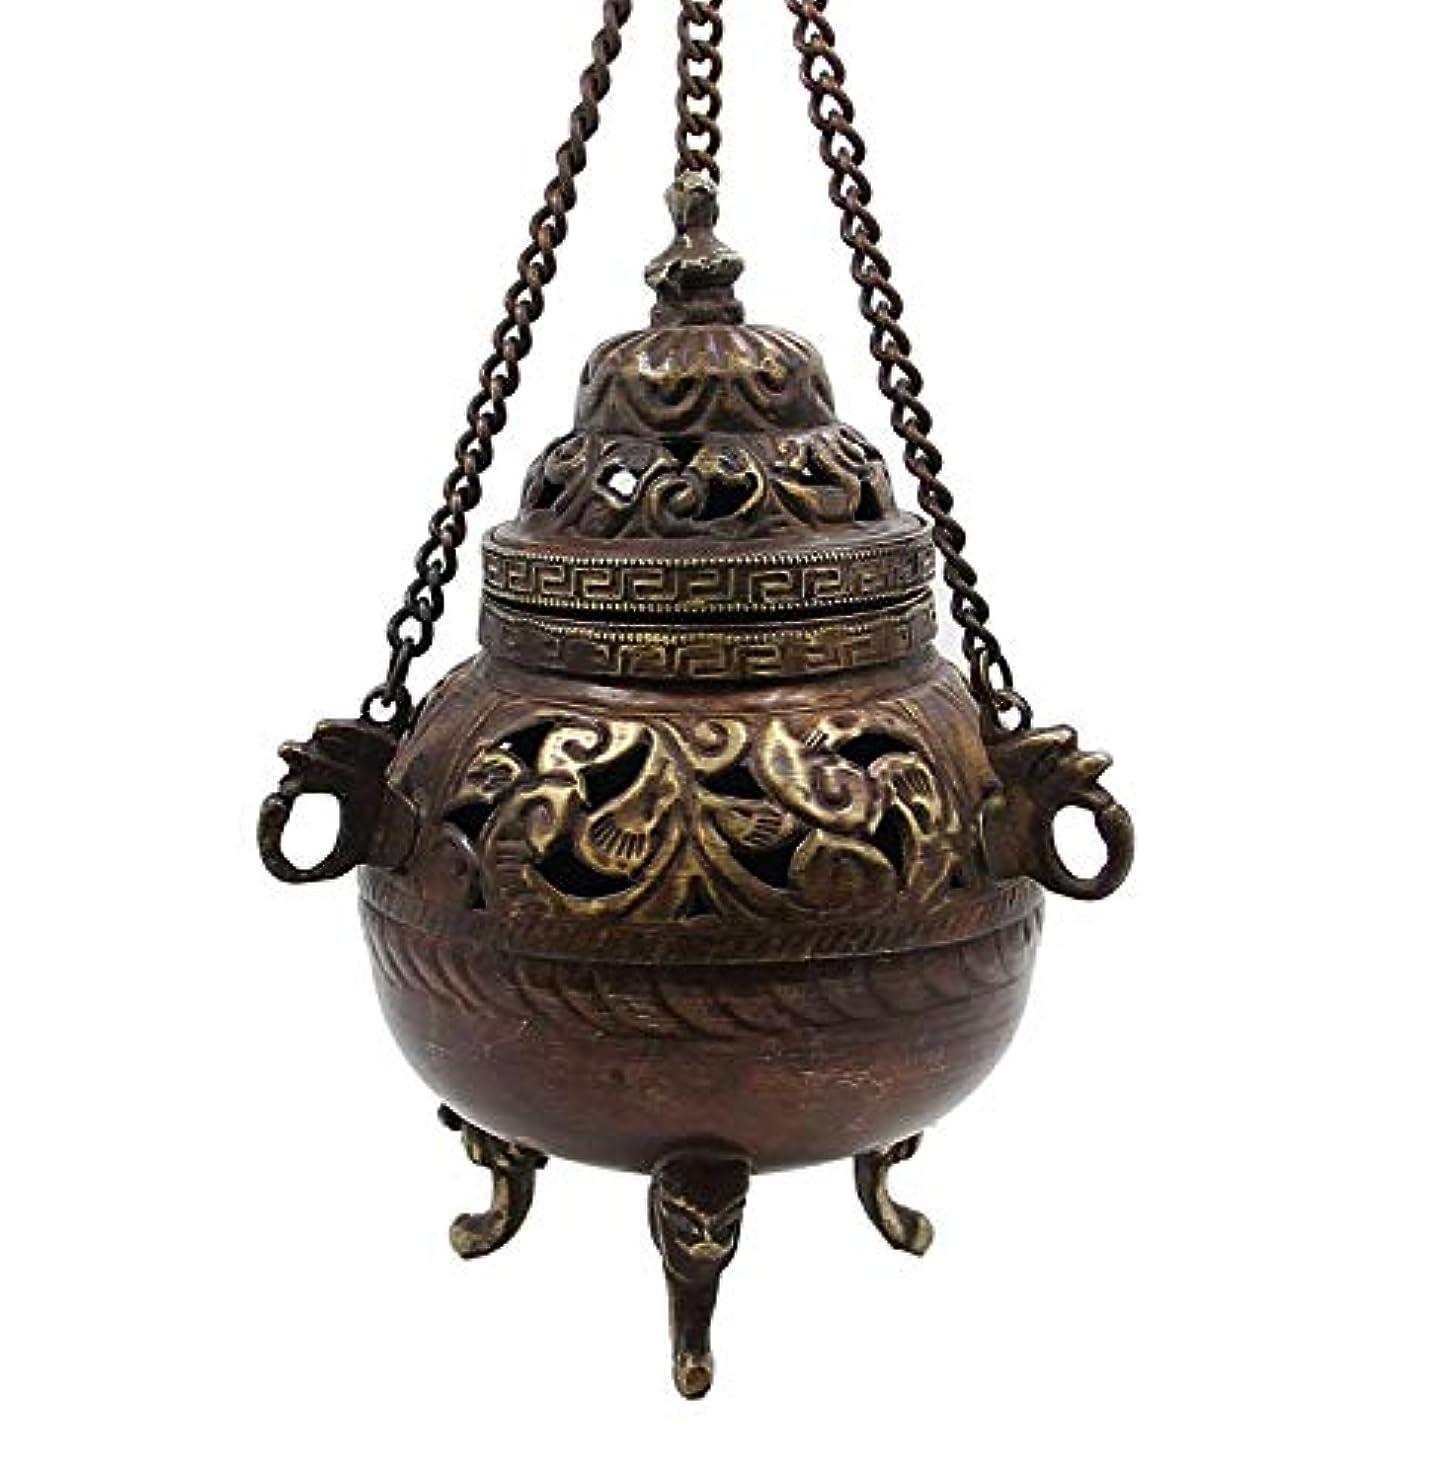 相手ドール遺棄されたチベット従来DharmaObjects Hanging香炉銅5 cm高